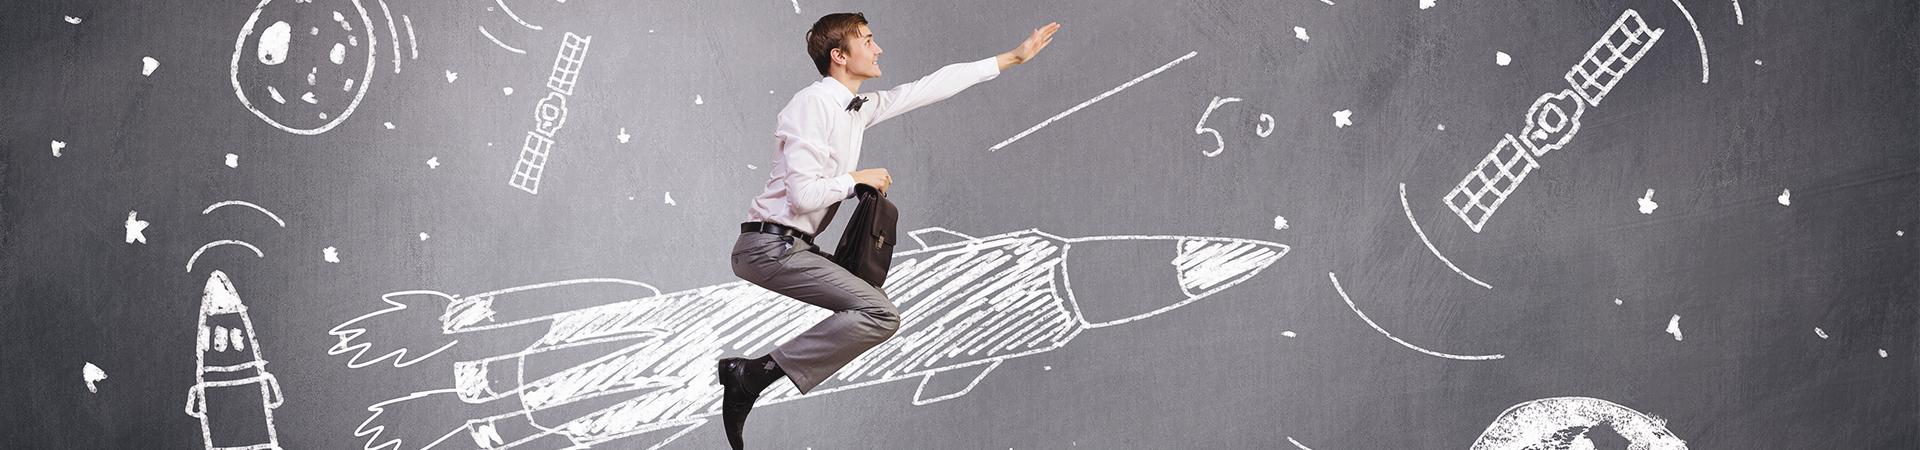 O que acontece quando um desajustado tem sucesso_